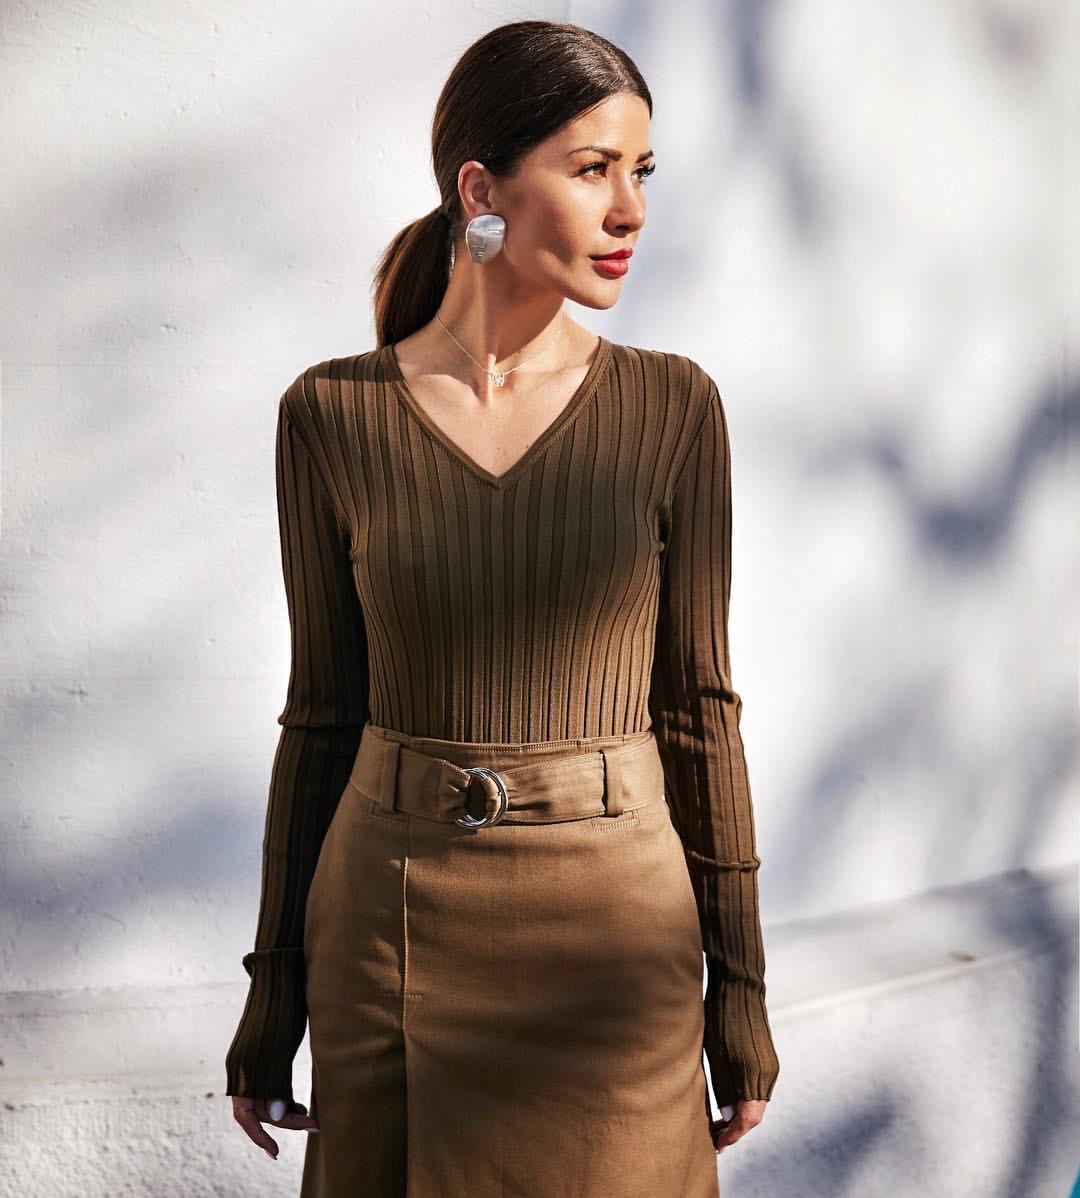 Цвет мокко в одежде: как и с чем носить наряды кофейных оттенков этой осенью фото 3